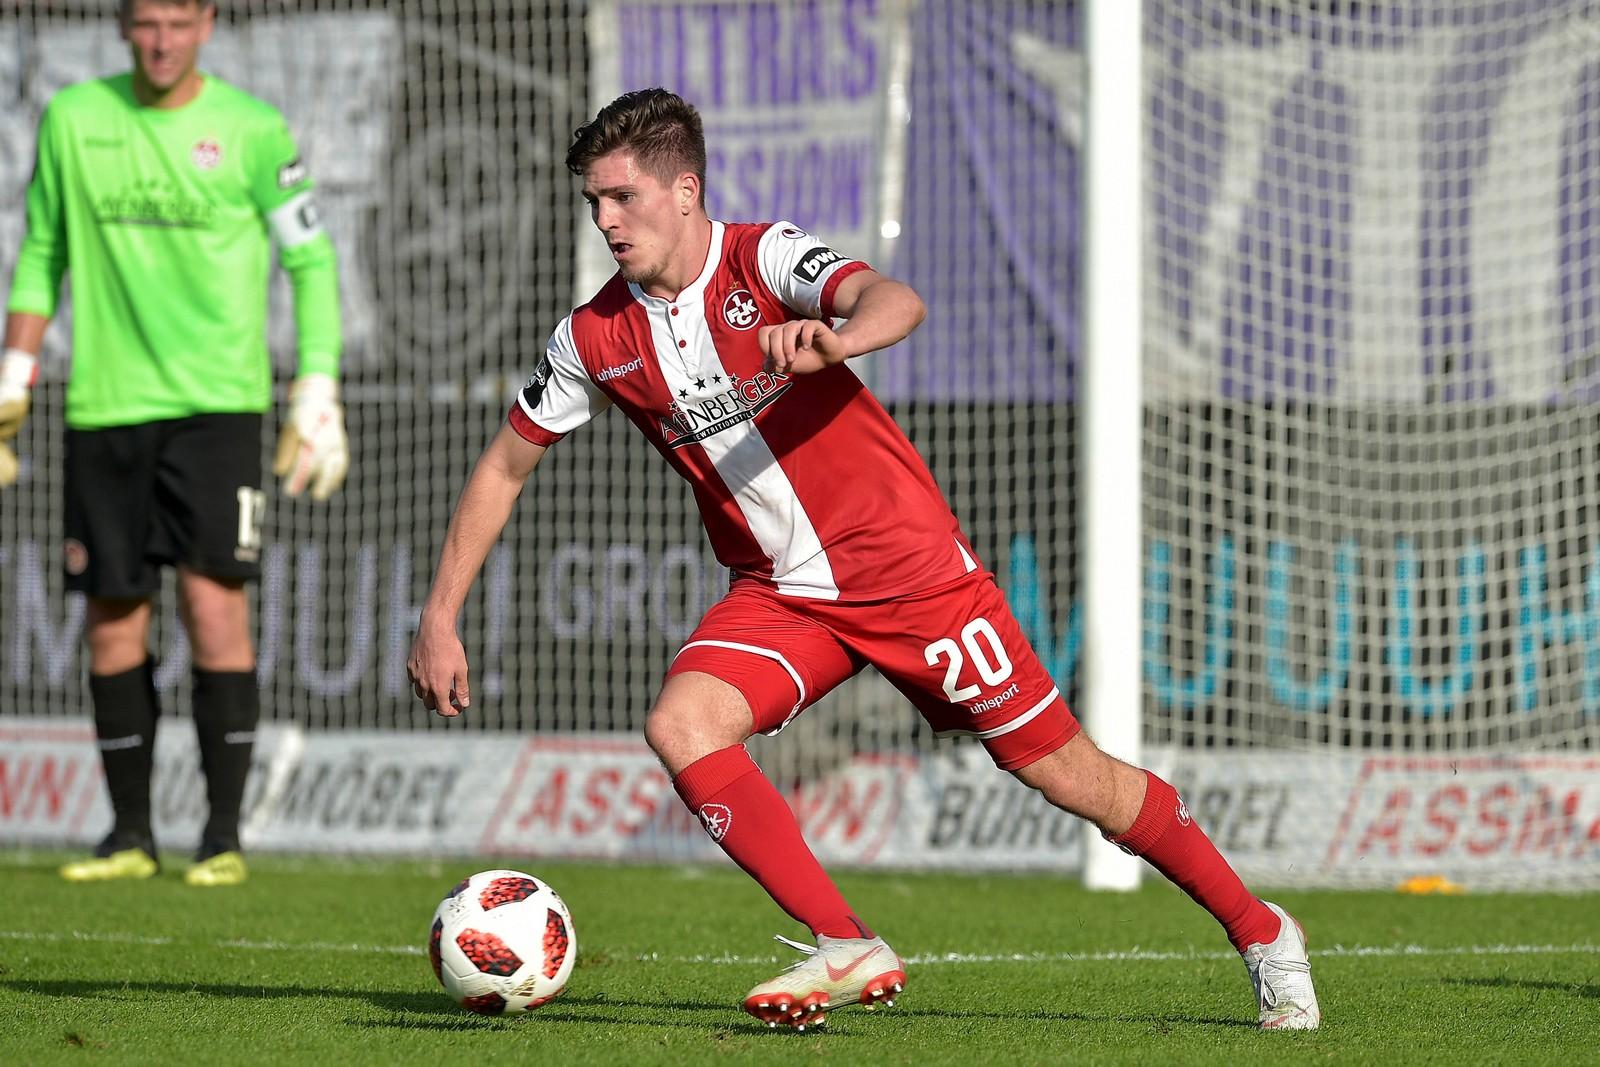 Dominik Schad könnte gegen Wehen Wiesbaden erneut Florian Dick aus der Viererkette verdrängen.